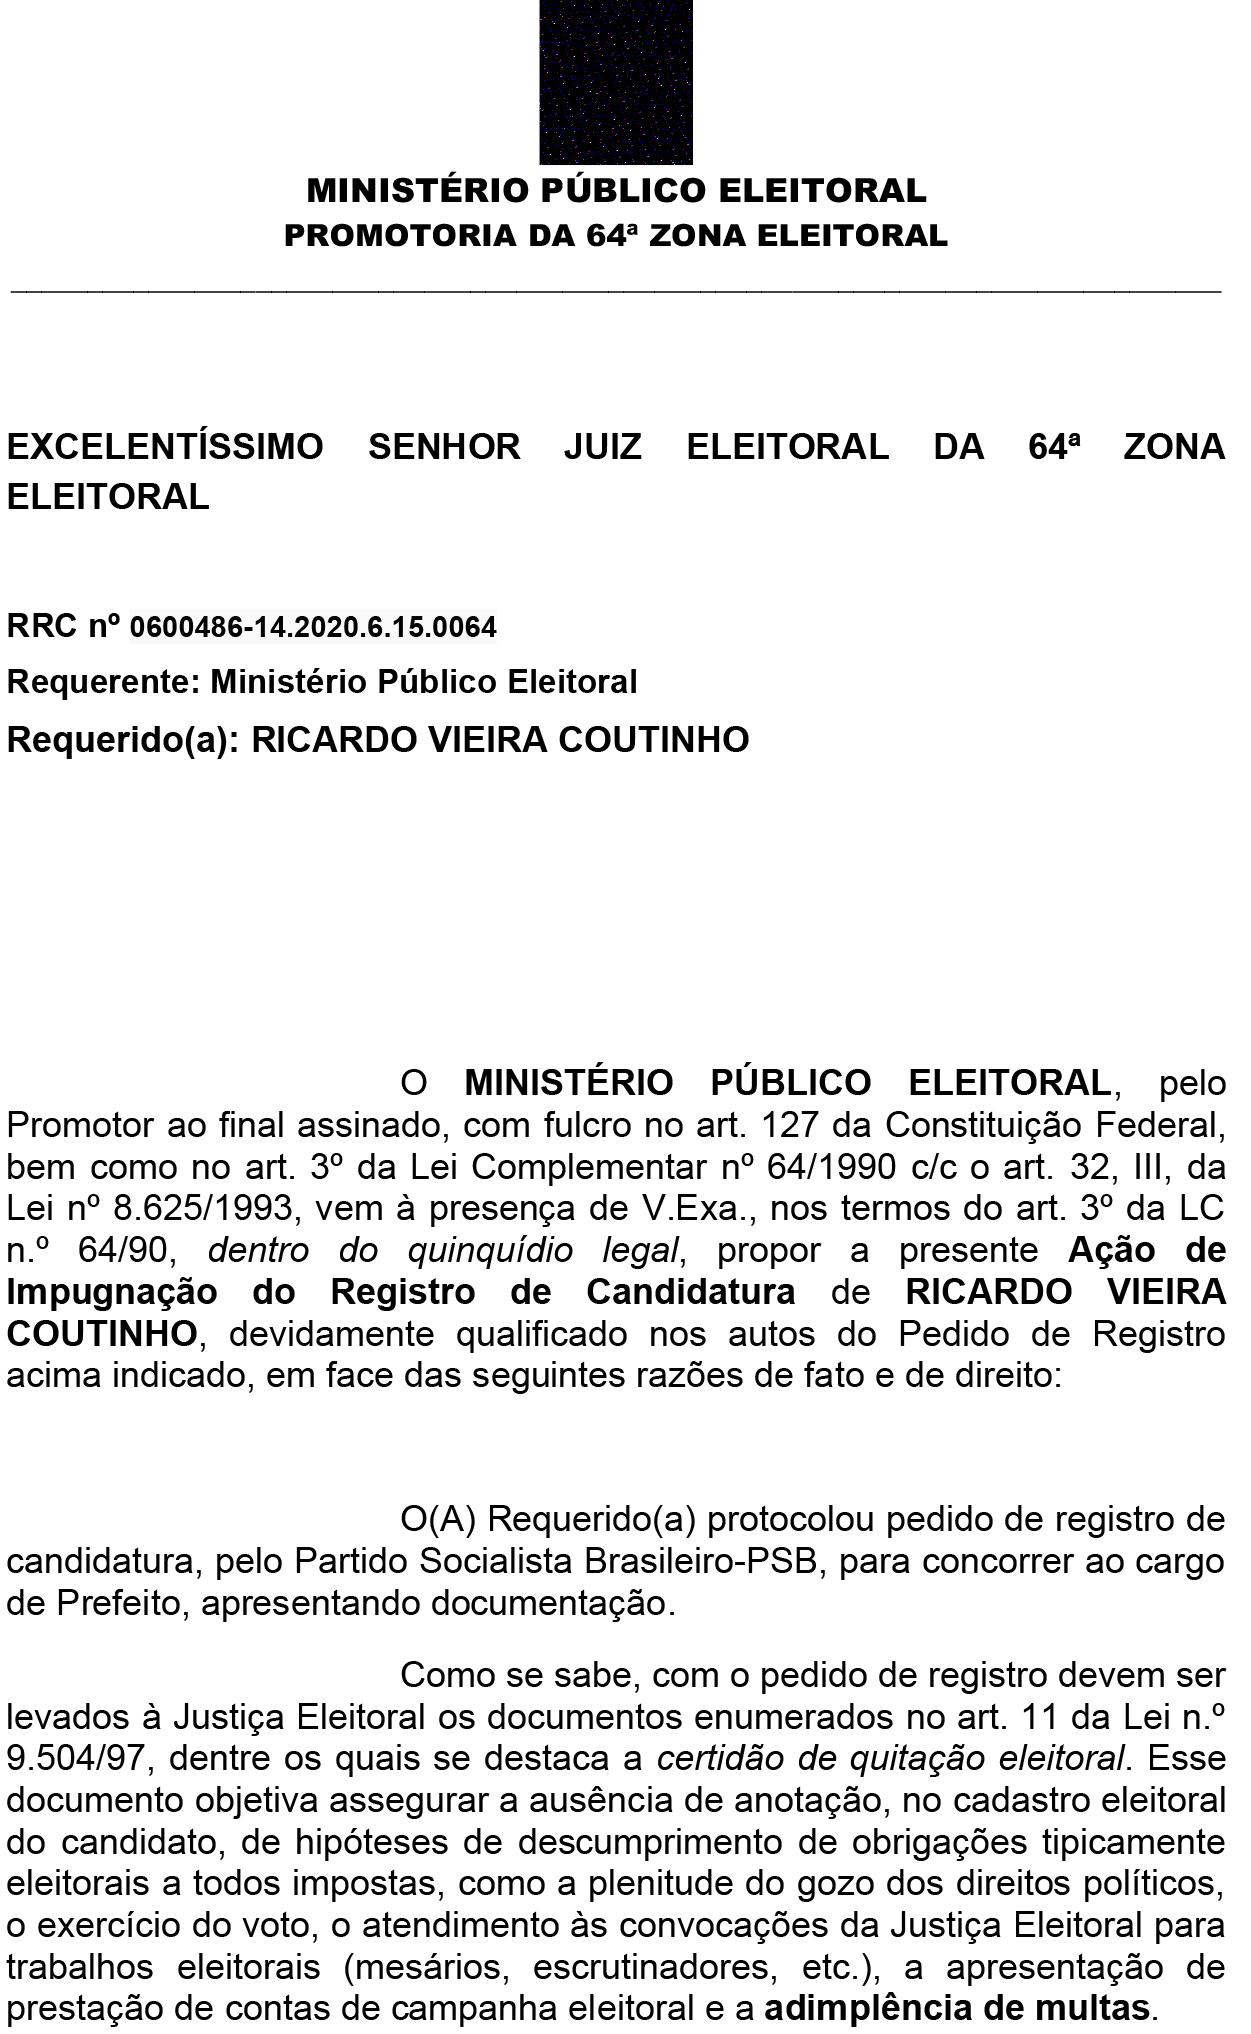 airc_ricardo_coutinho_1-1 Ministério Público da Paraíba pede impugnação da candidatura de Ricardo Coutinho a prefeito de João Pessoa